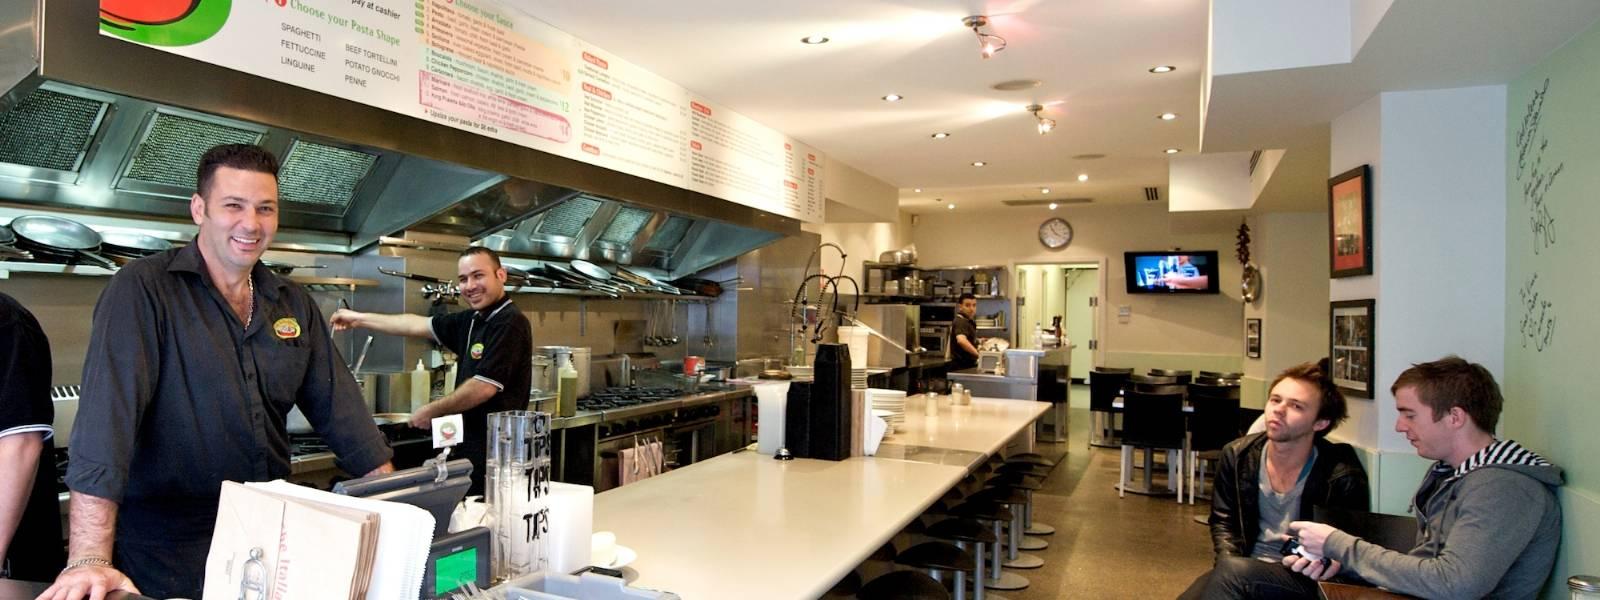 Lower Hutt Restaurant Guide - Eatout.nz